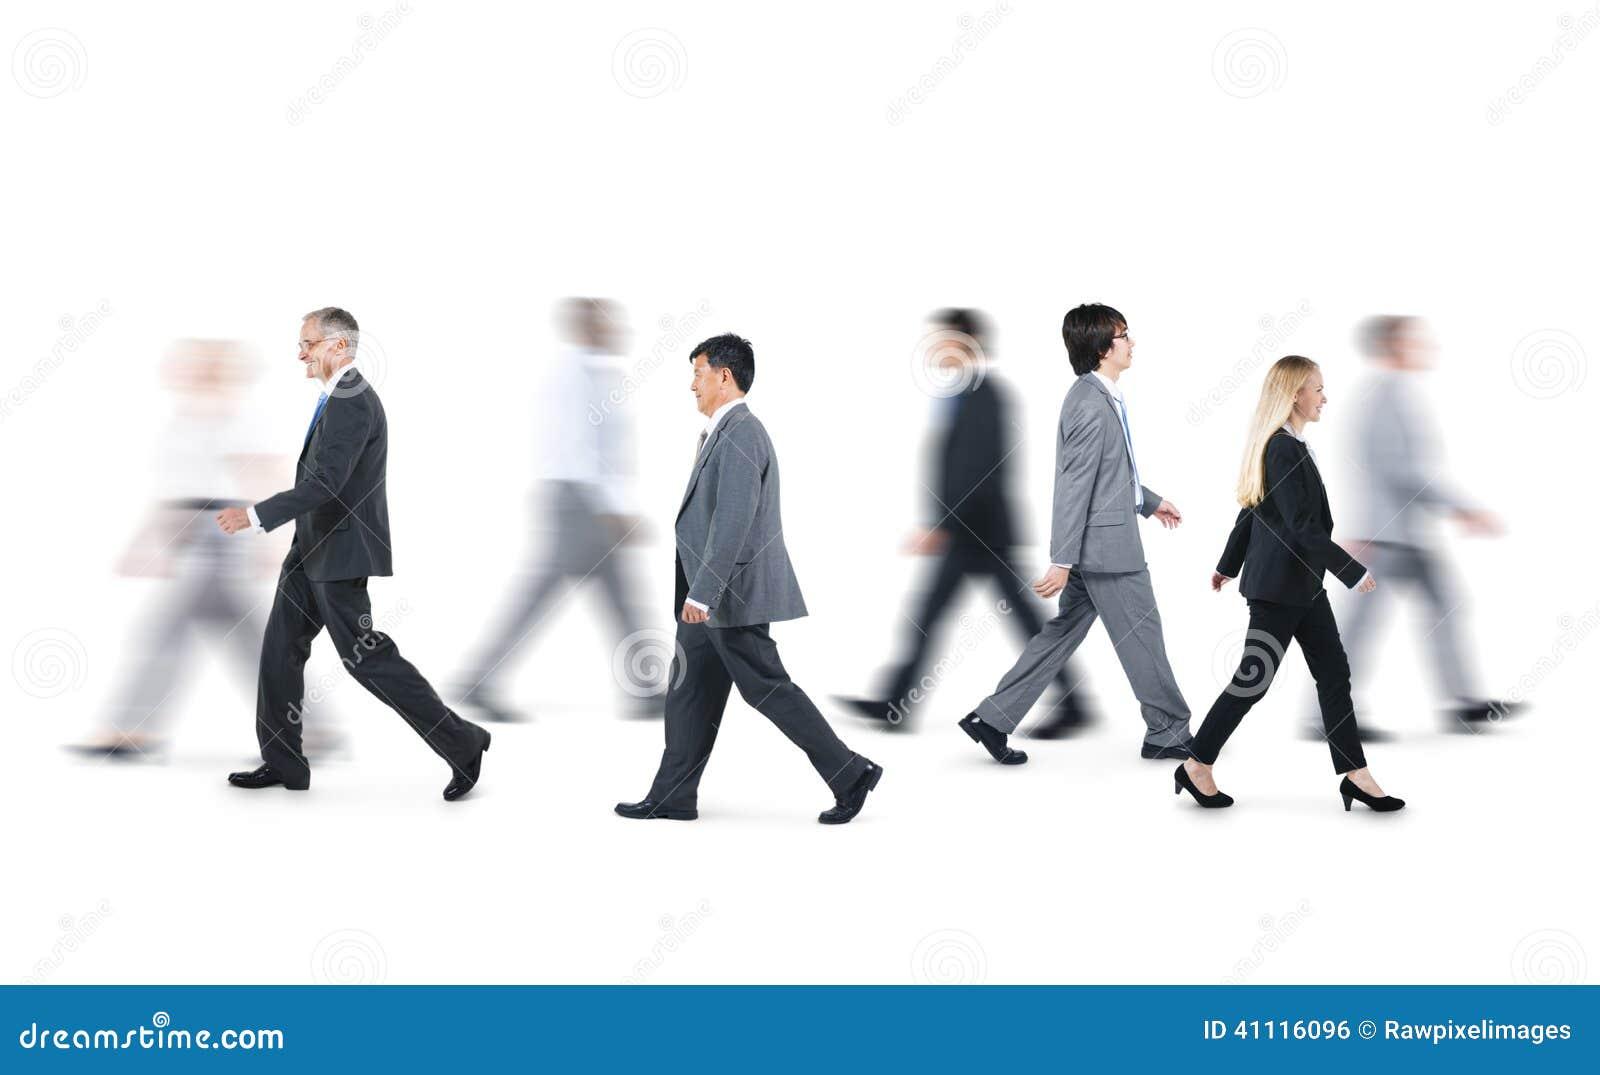 Ομάδα επιχειρηματιών που περπατούν στις διαφορετικές κατευθύνσεις